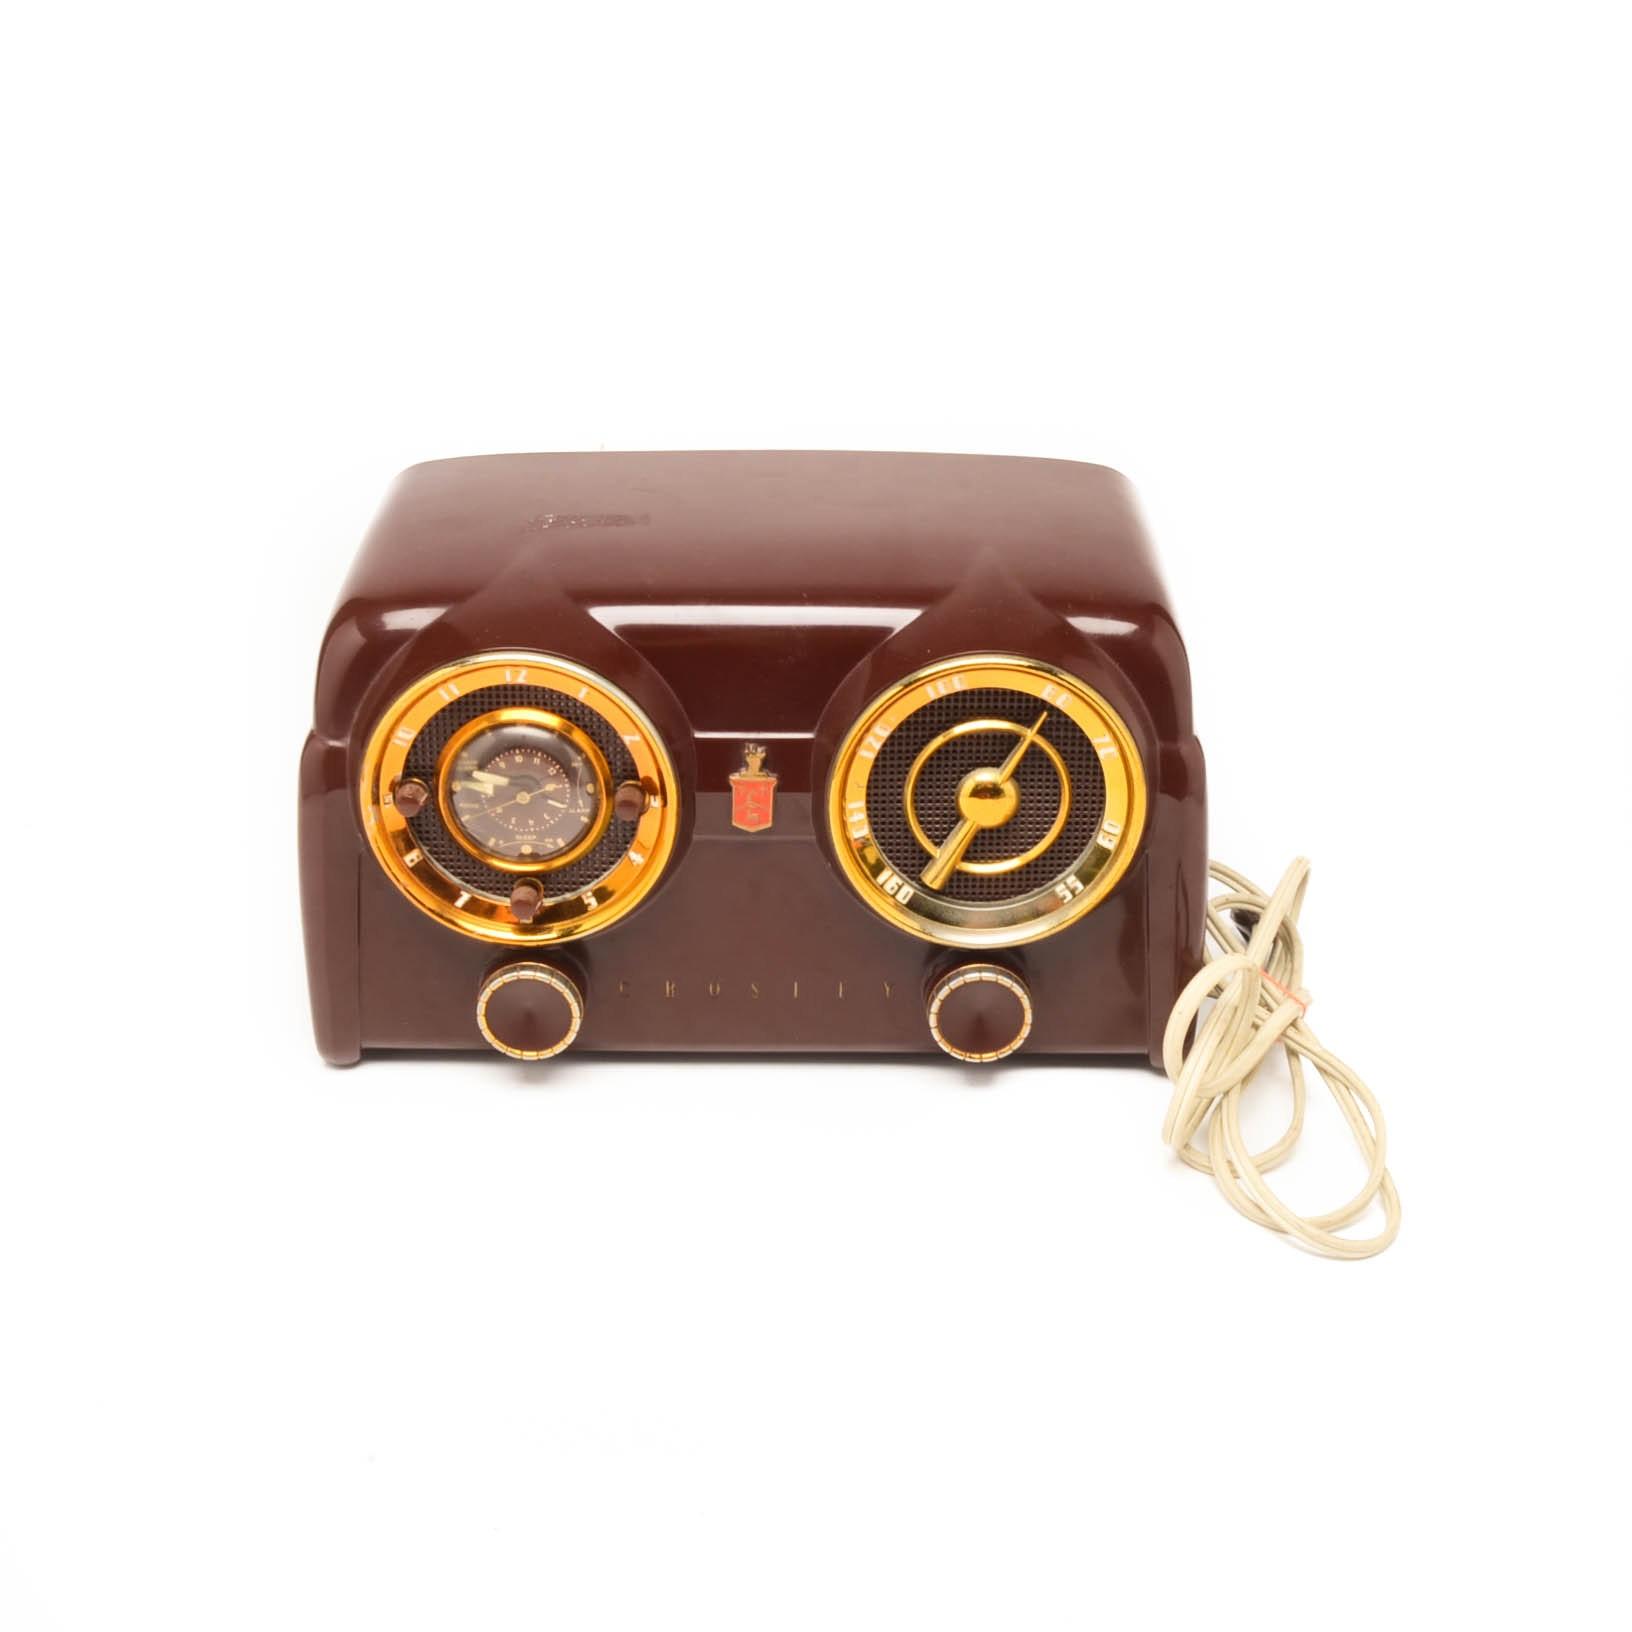 1950s Crosley DC25 Clock Radio